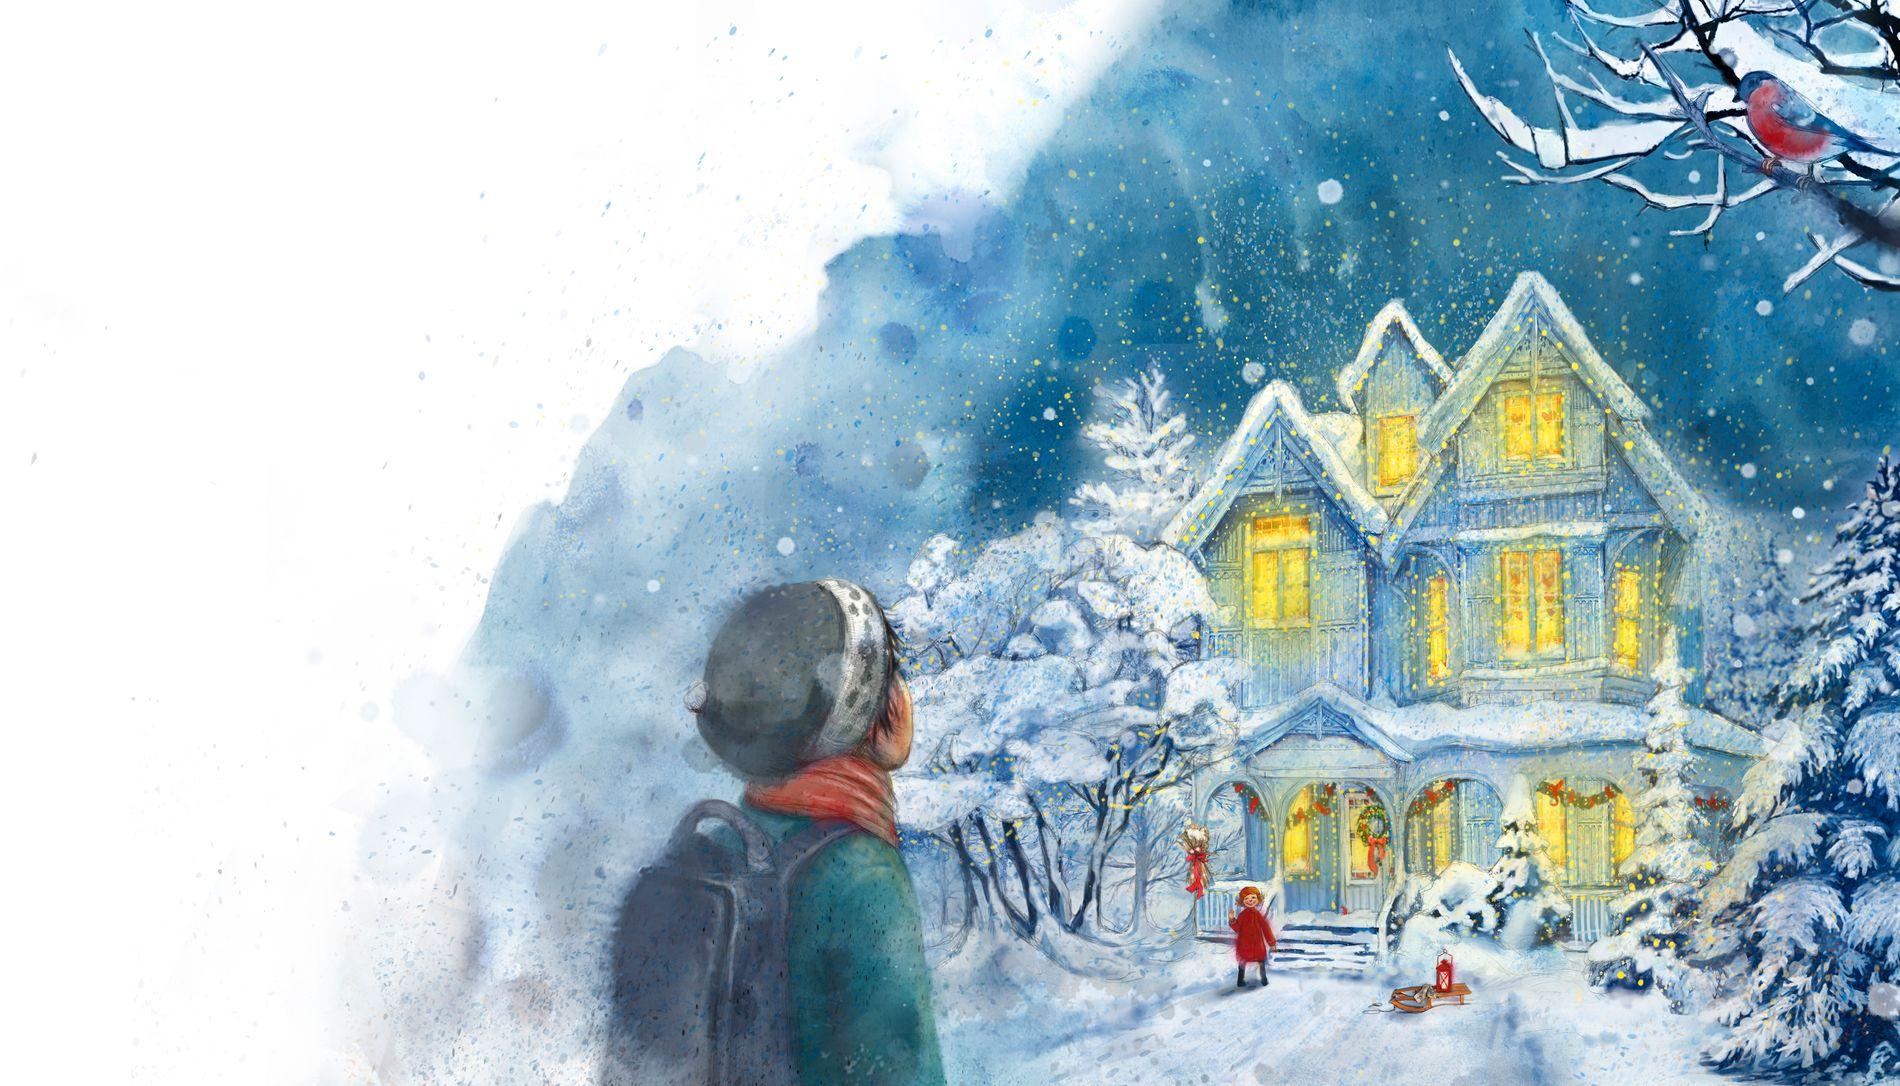 ALVORLIG TEMA: Boken har også et alvorlig tema midt oppe i jule- og snøgleden, det handler blant annet om å miste et barn. – Mange bekymrer seg for at julen ikke blir som før, men så er budskapet at julen kan bli god – selv om ting er annerledes, sier Maja Lunde.